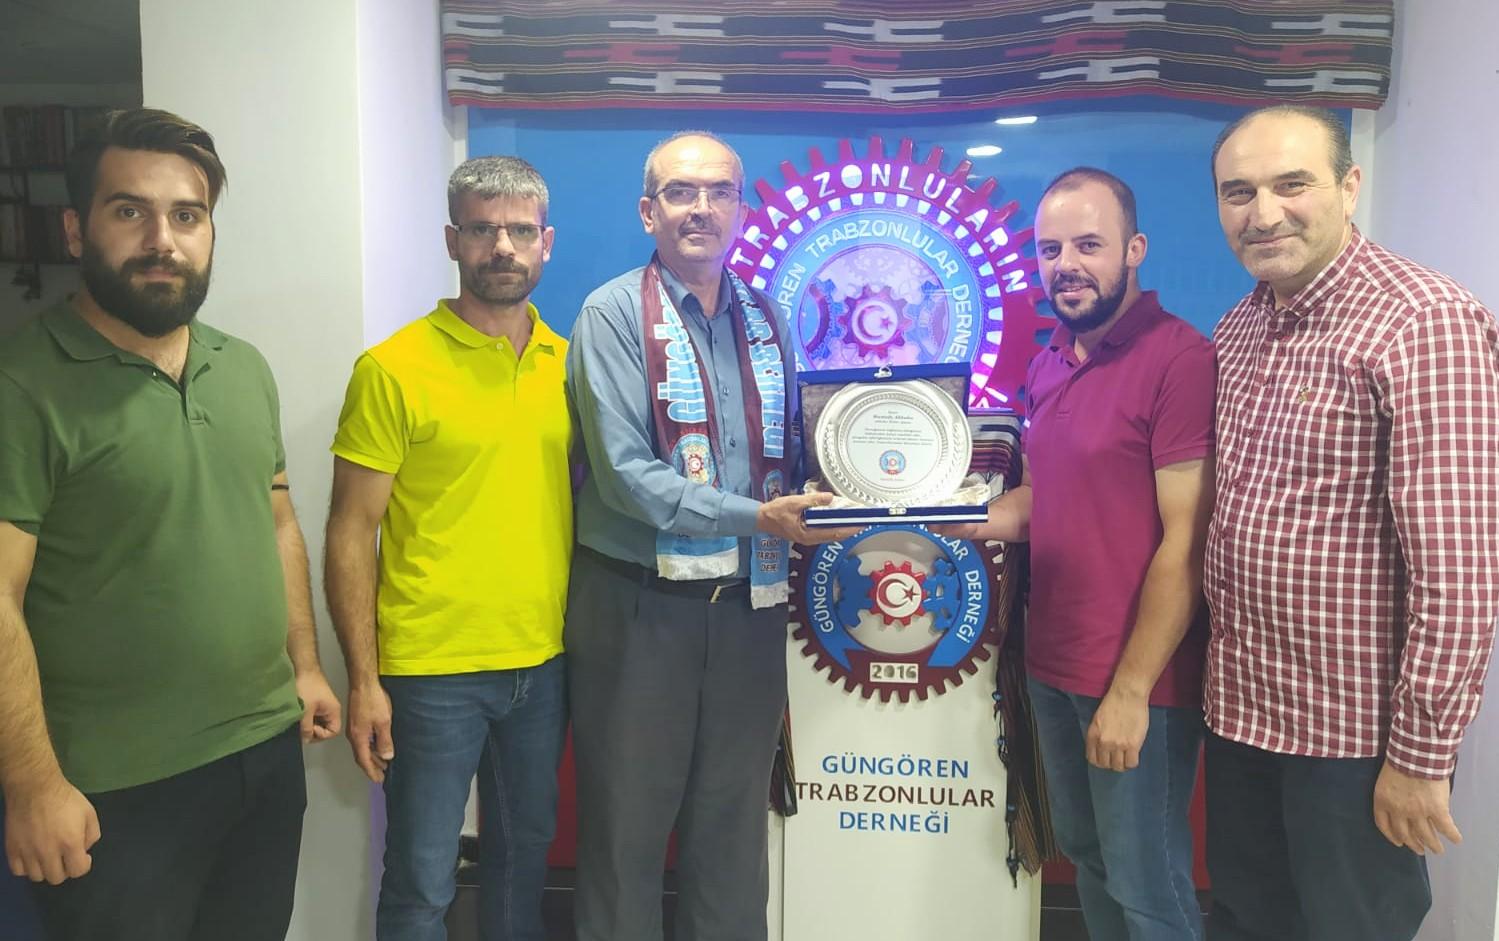 Trabzon Gençliği, Akbaba Haber Ajansını Hizmet Plaketiyle onurladırdı